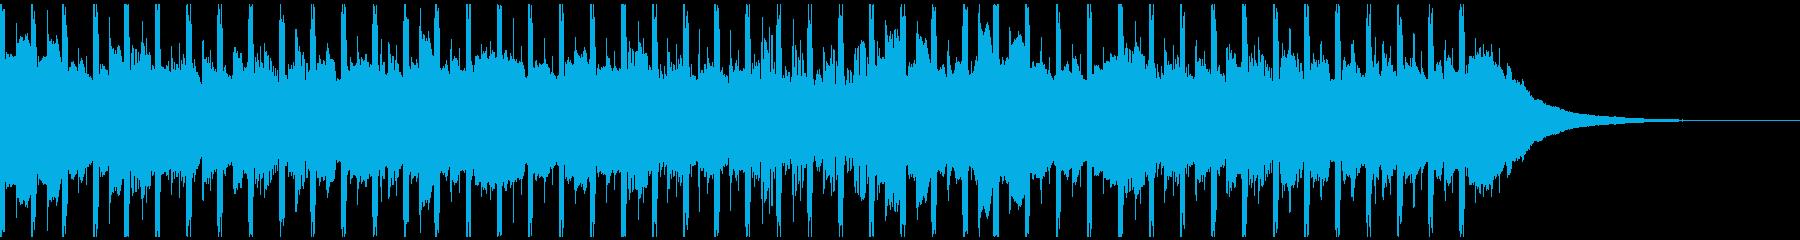 成功のための戦略(30秒)の再生済みの波形